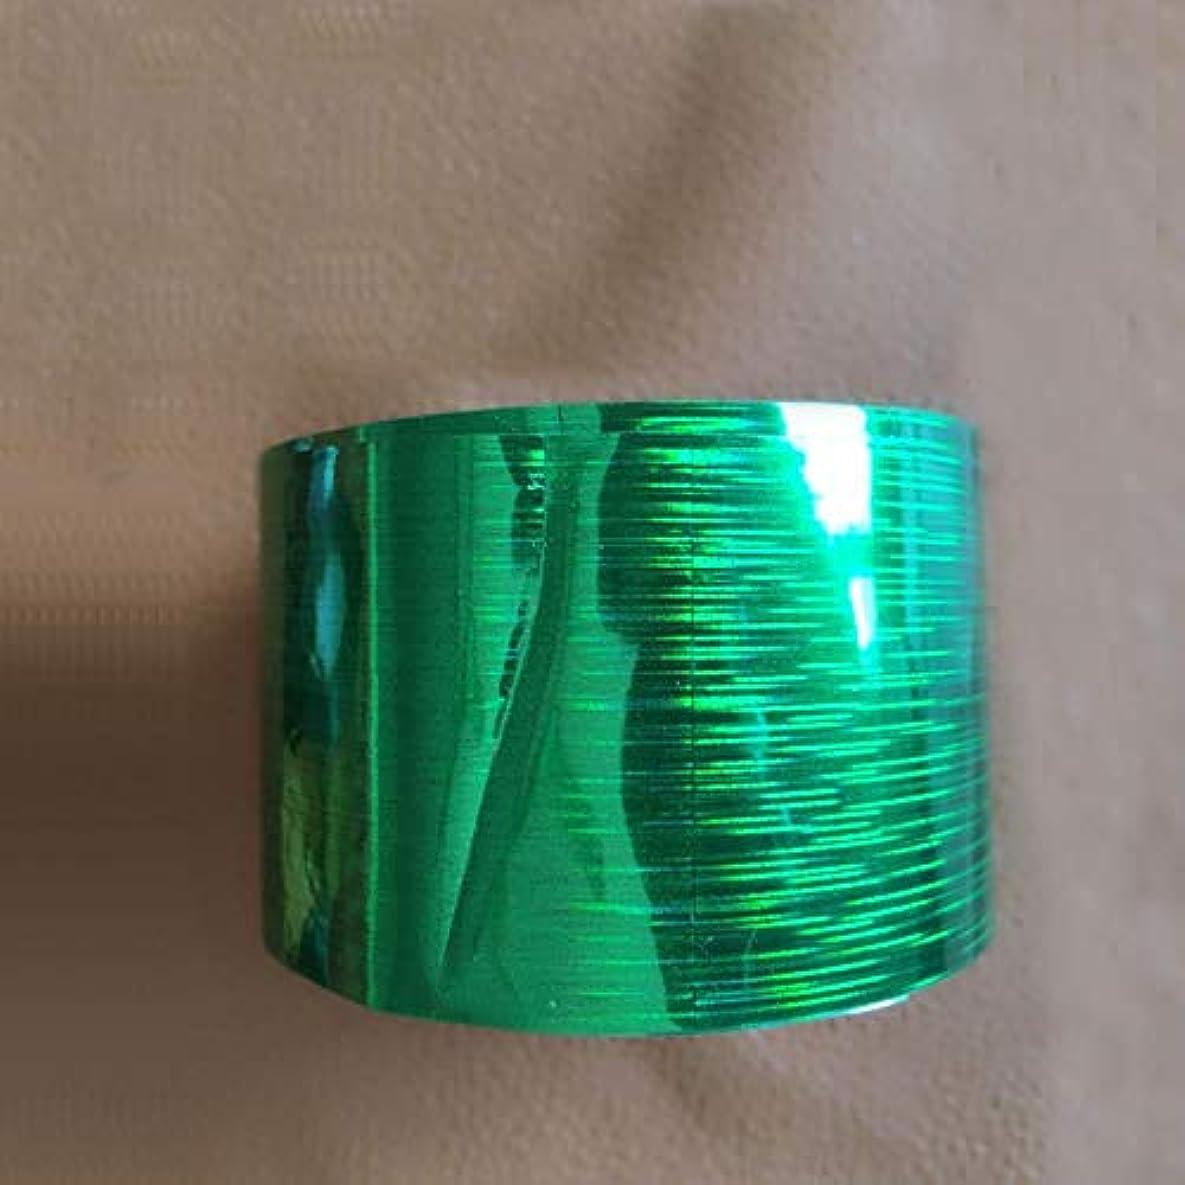 主婦ナプキン説得SUKTI&XIAO ネイルステッカー 1ロール120M * 4CmホログラフィックネイルフォイルレインボートランスファーフォイルステッカーフィンガーラップネイルアートDiy接着剤マニキュア美容デカール、グリーン